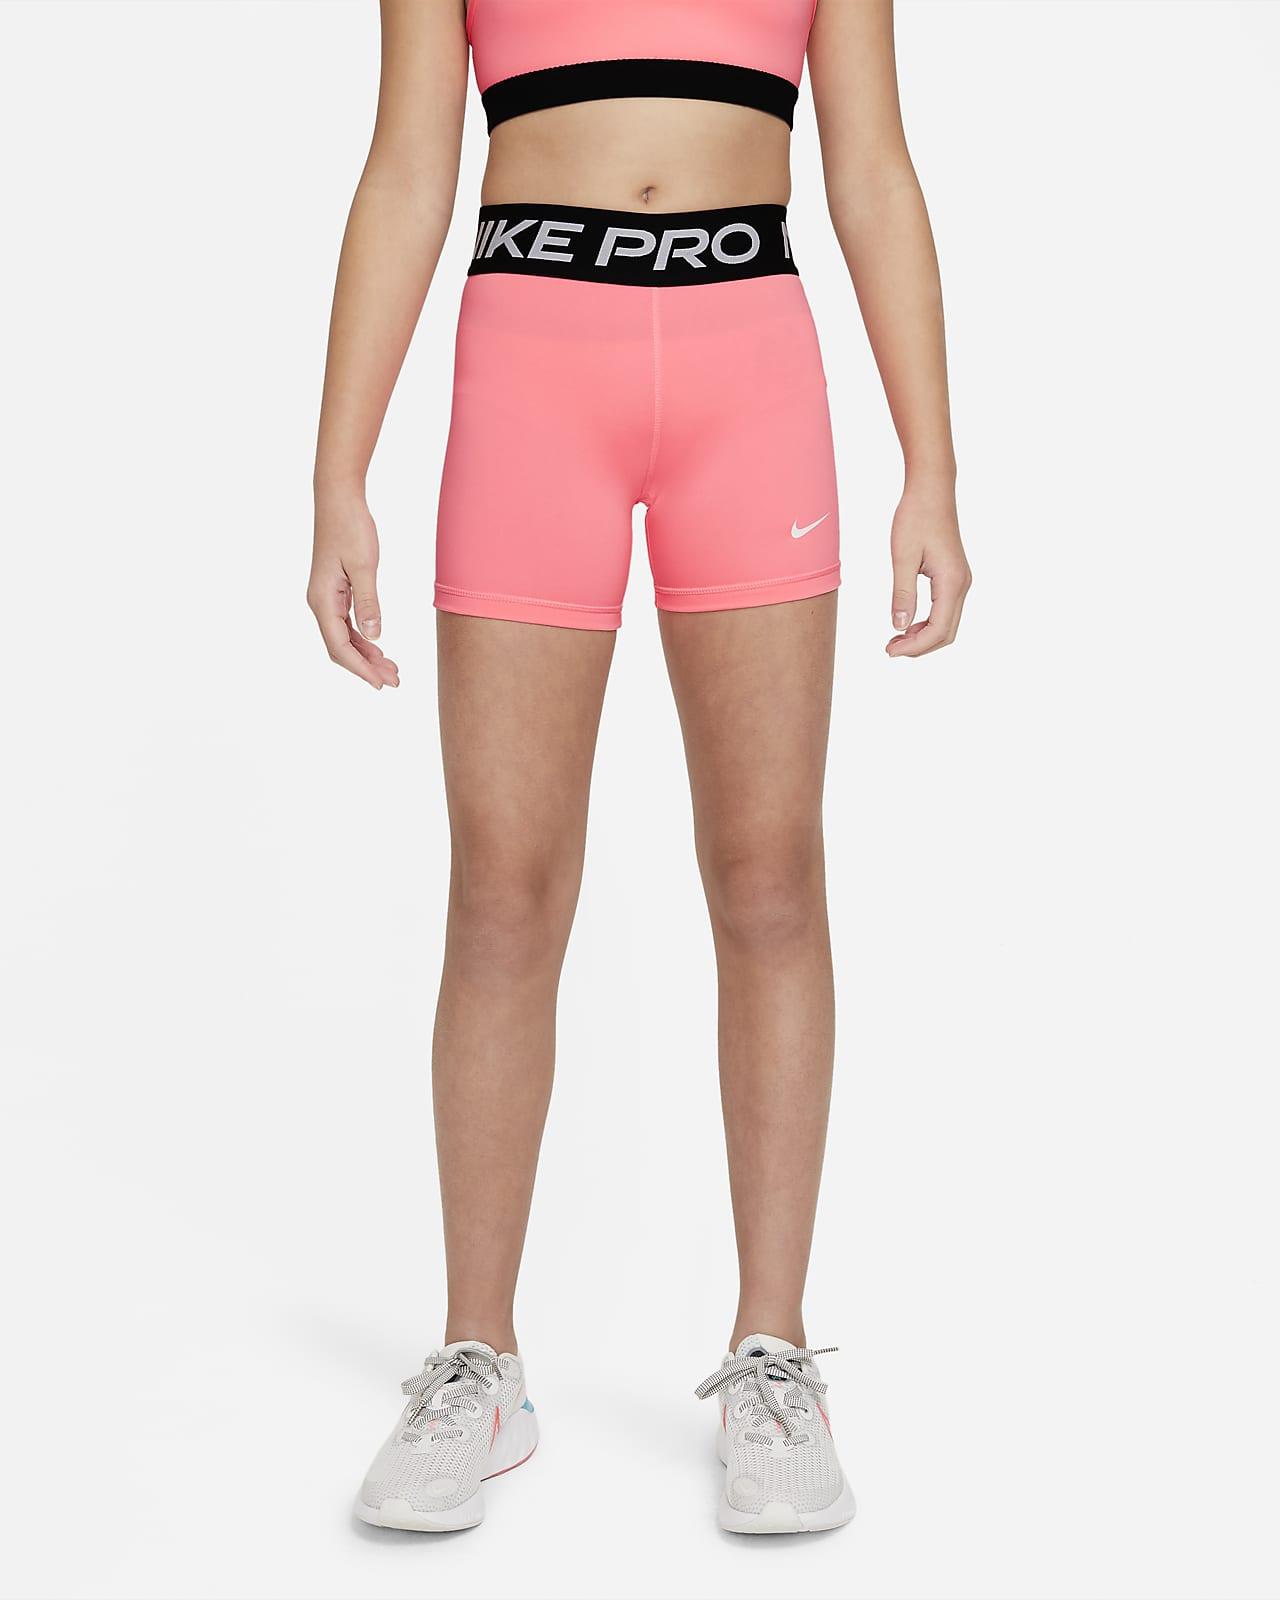 Шорты для девочек школьного возраста Nike Pro